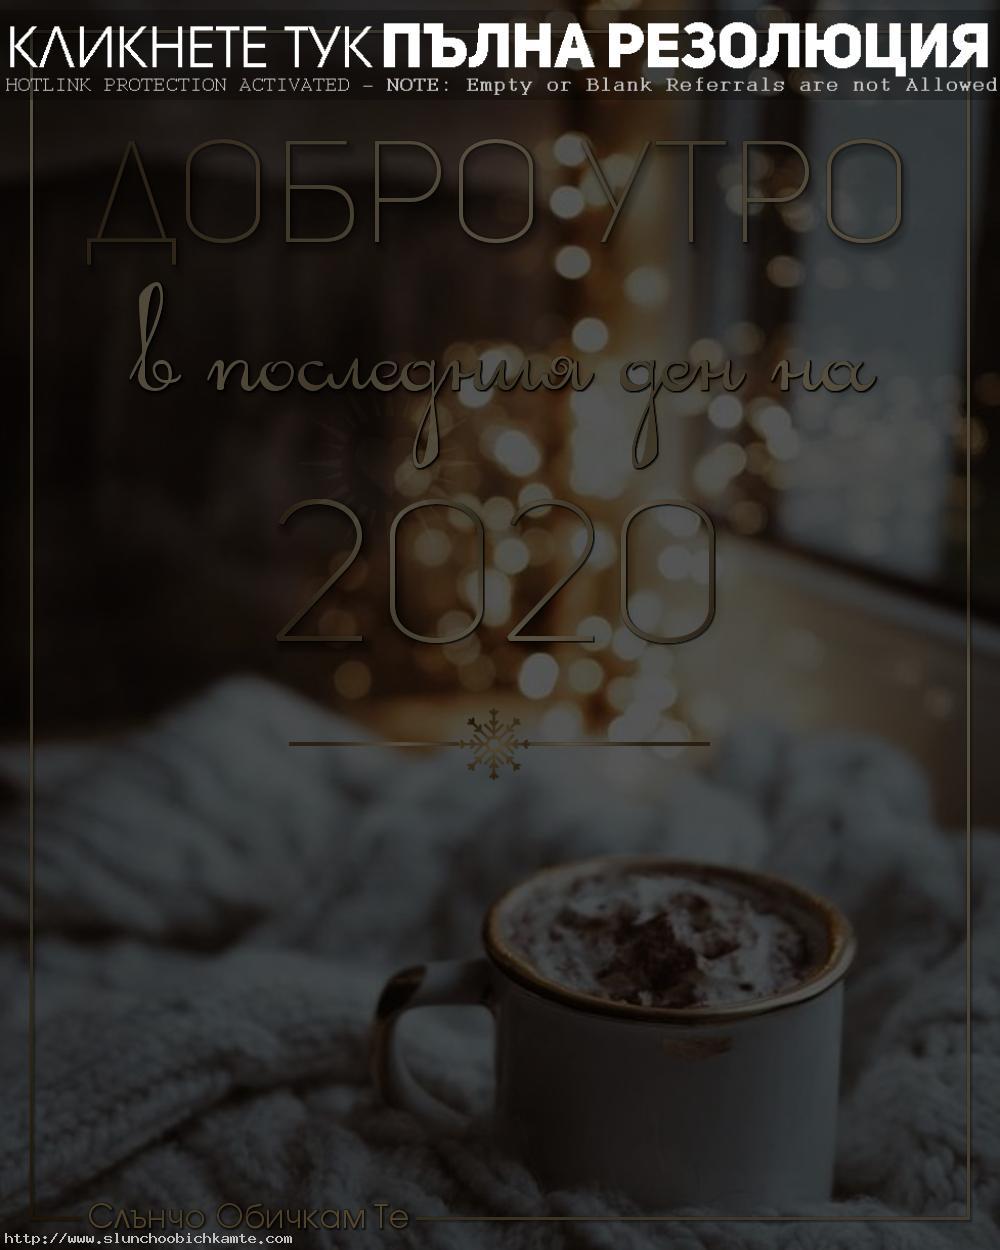 Добро утро в последния ден на 2020, добро утро на 31 декември 2020, картички за добро утро за нова година, честита нова година, пожелания за нова година, 2021